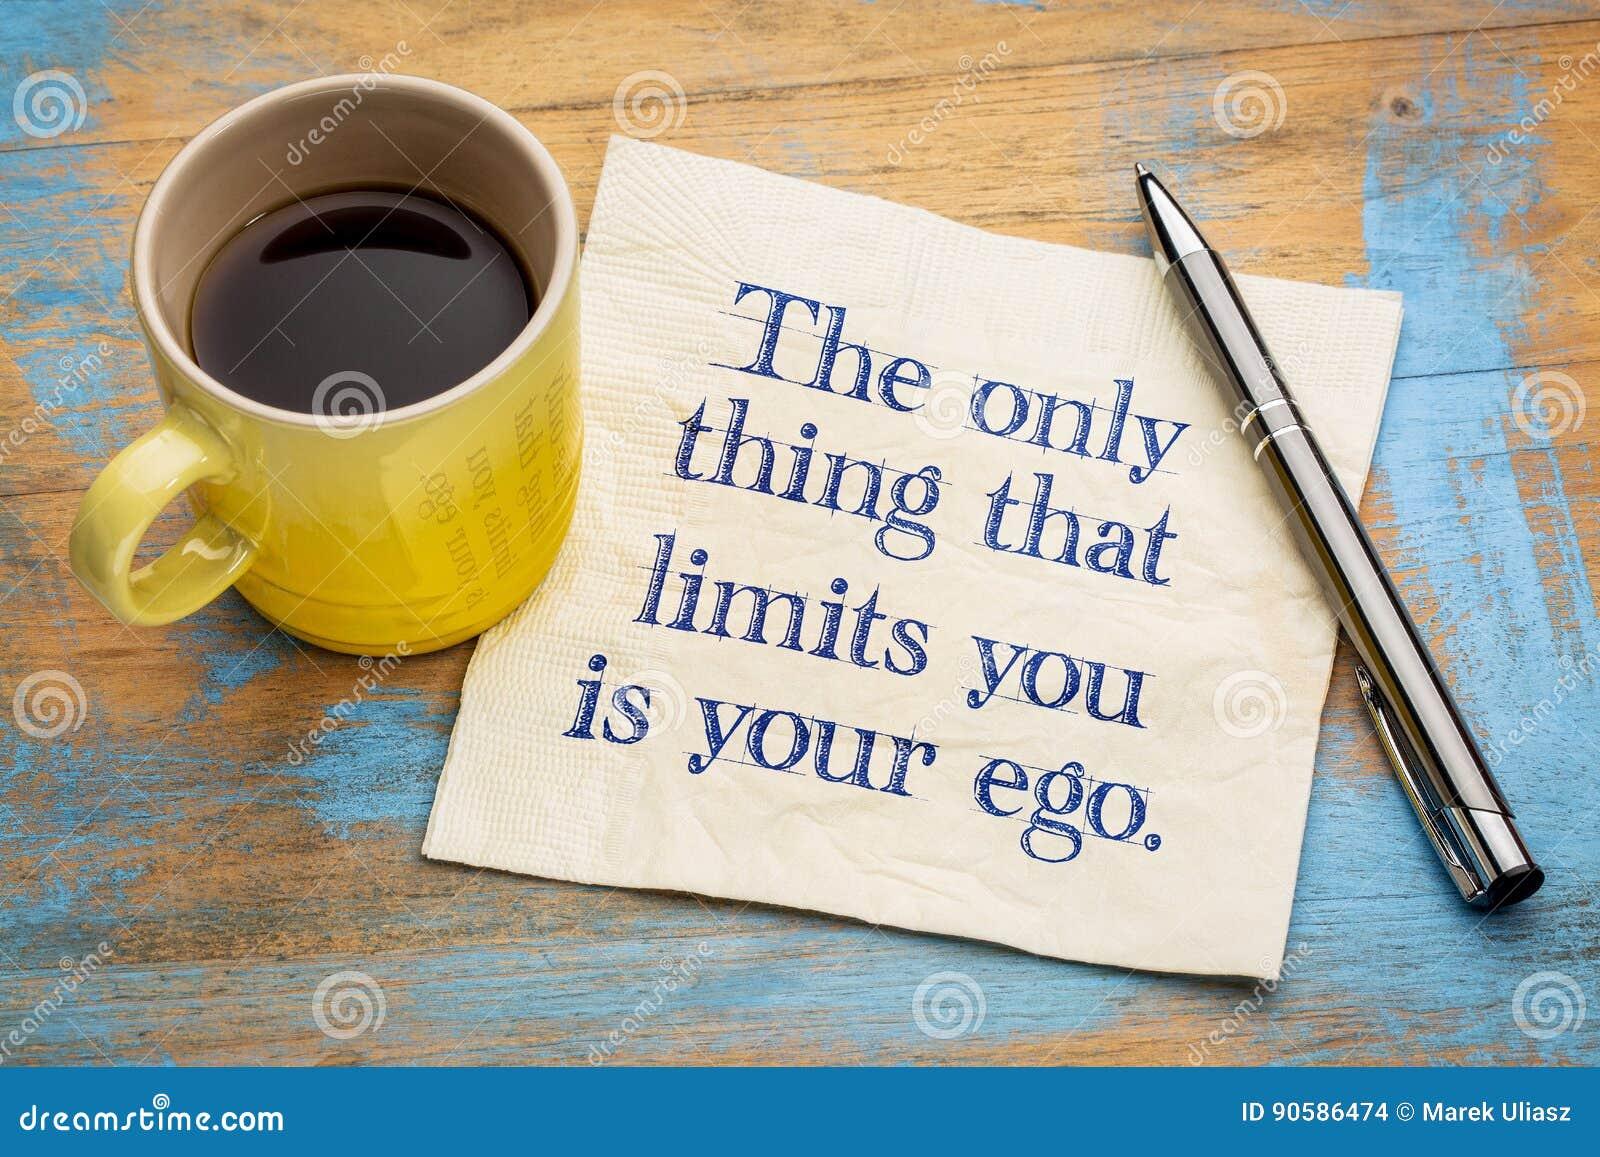 Het enige ding dat beperkt u is uw ego